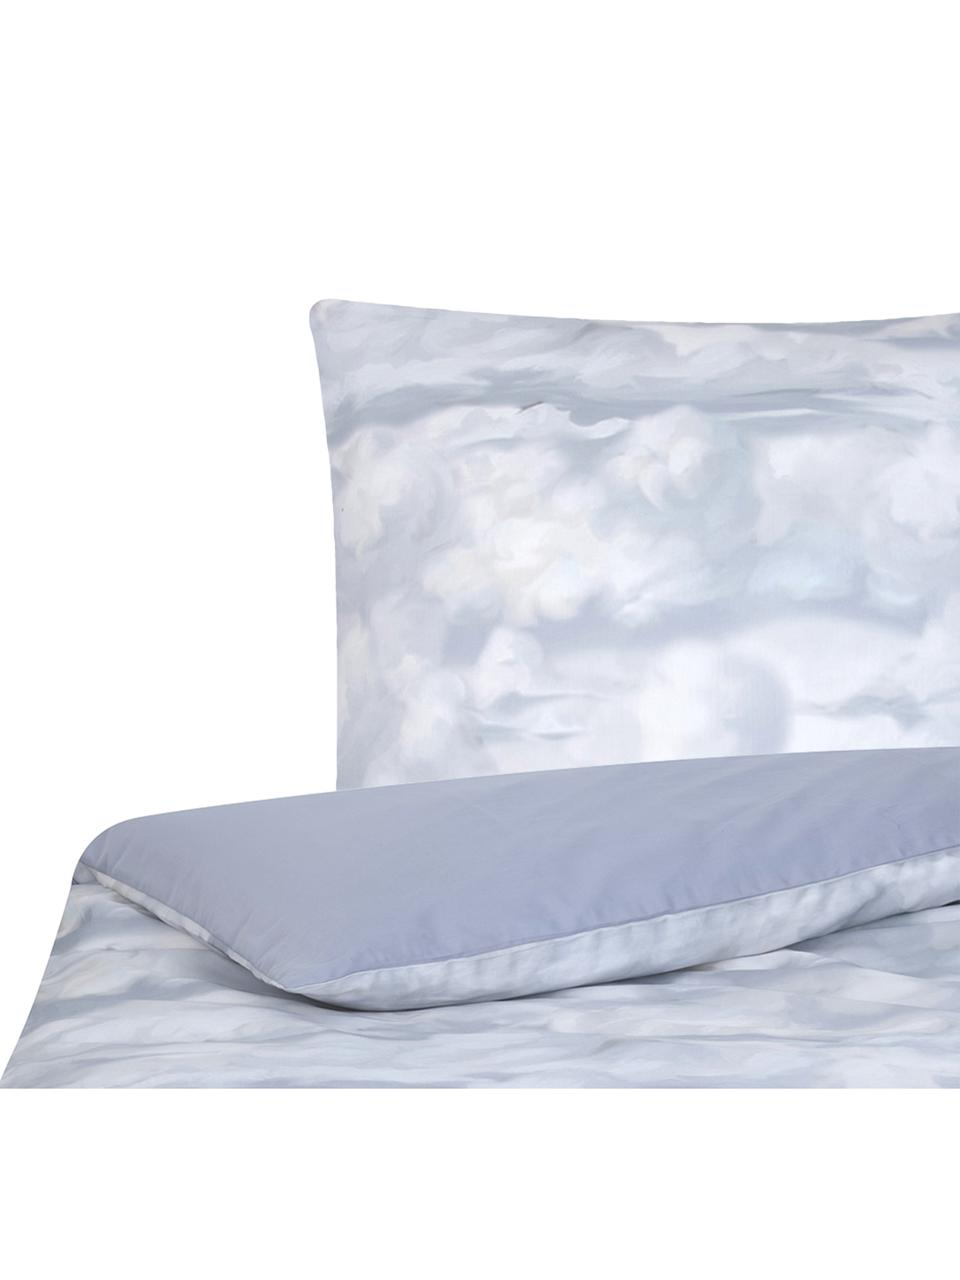 Baumwollsatin-Bettwäsche Cloudy, Webart: Satin Fadendichte 210 TC,, Hellblau, Weiß, 240 x 220 cm + 2 Kissen 80 x 80 cm